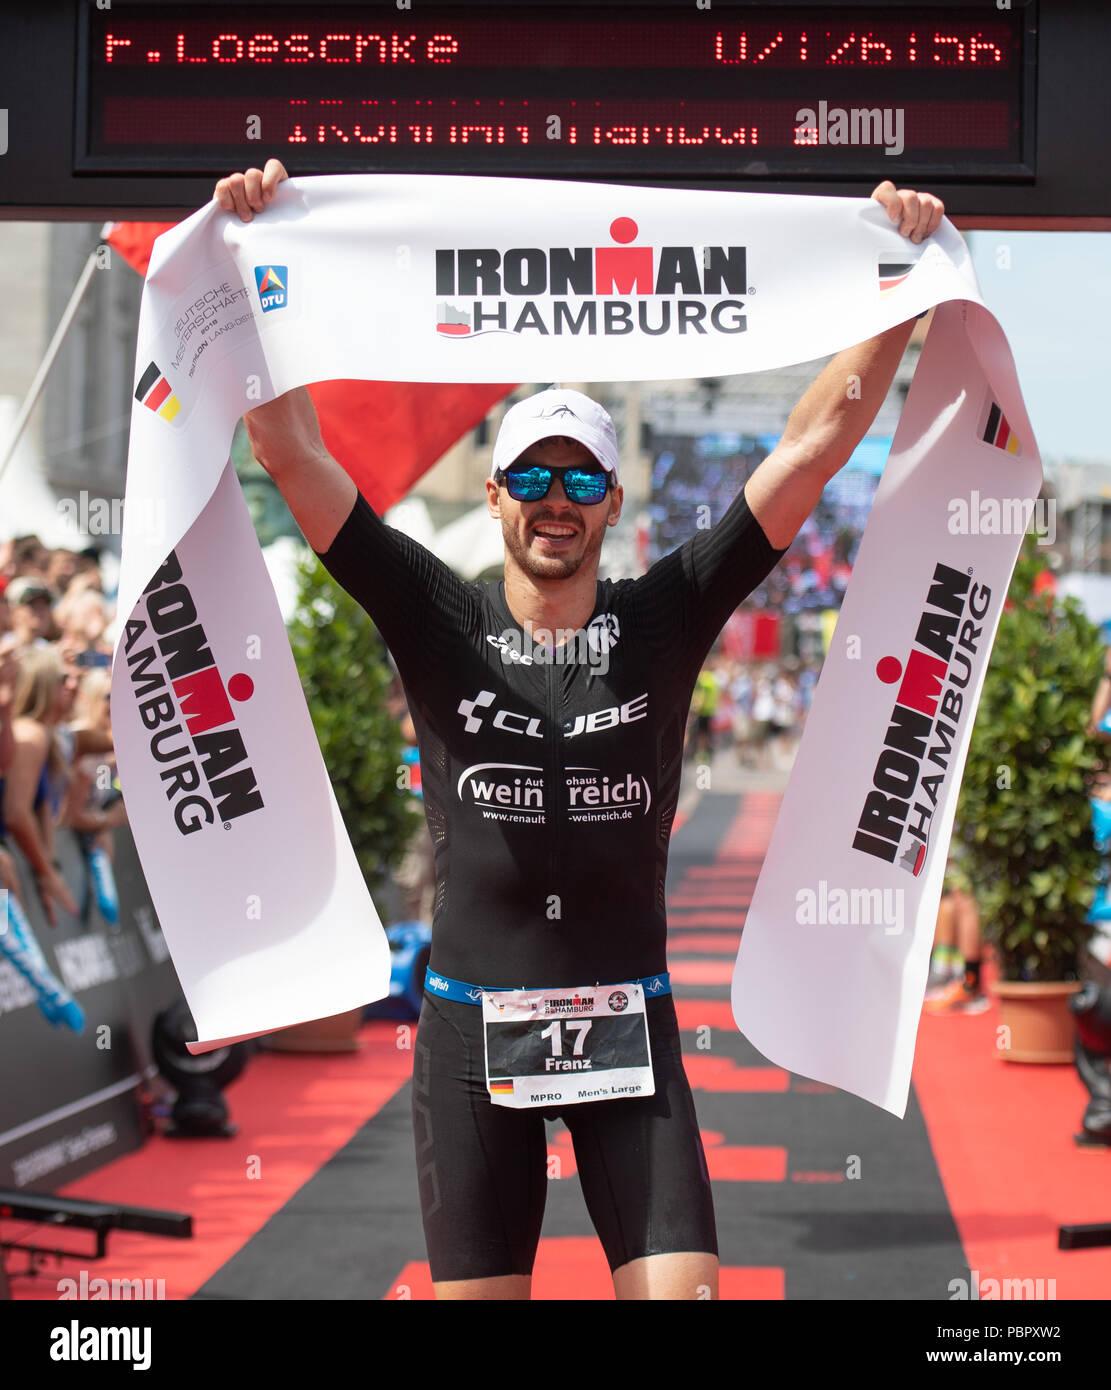 Ironman Series Stock Photos & Ironman Series Stock Images